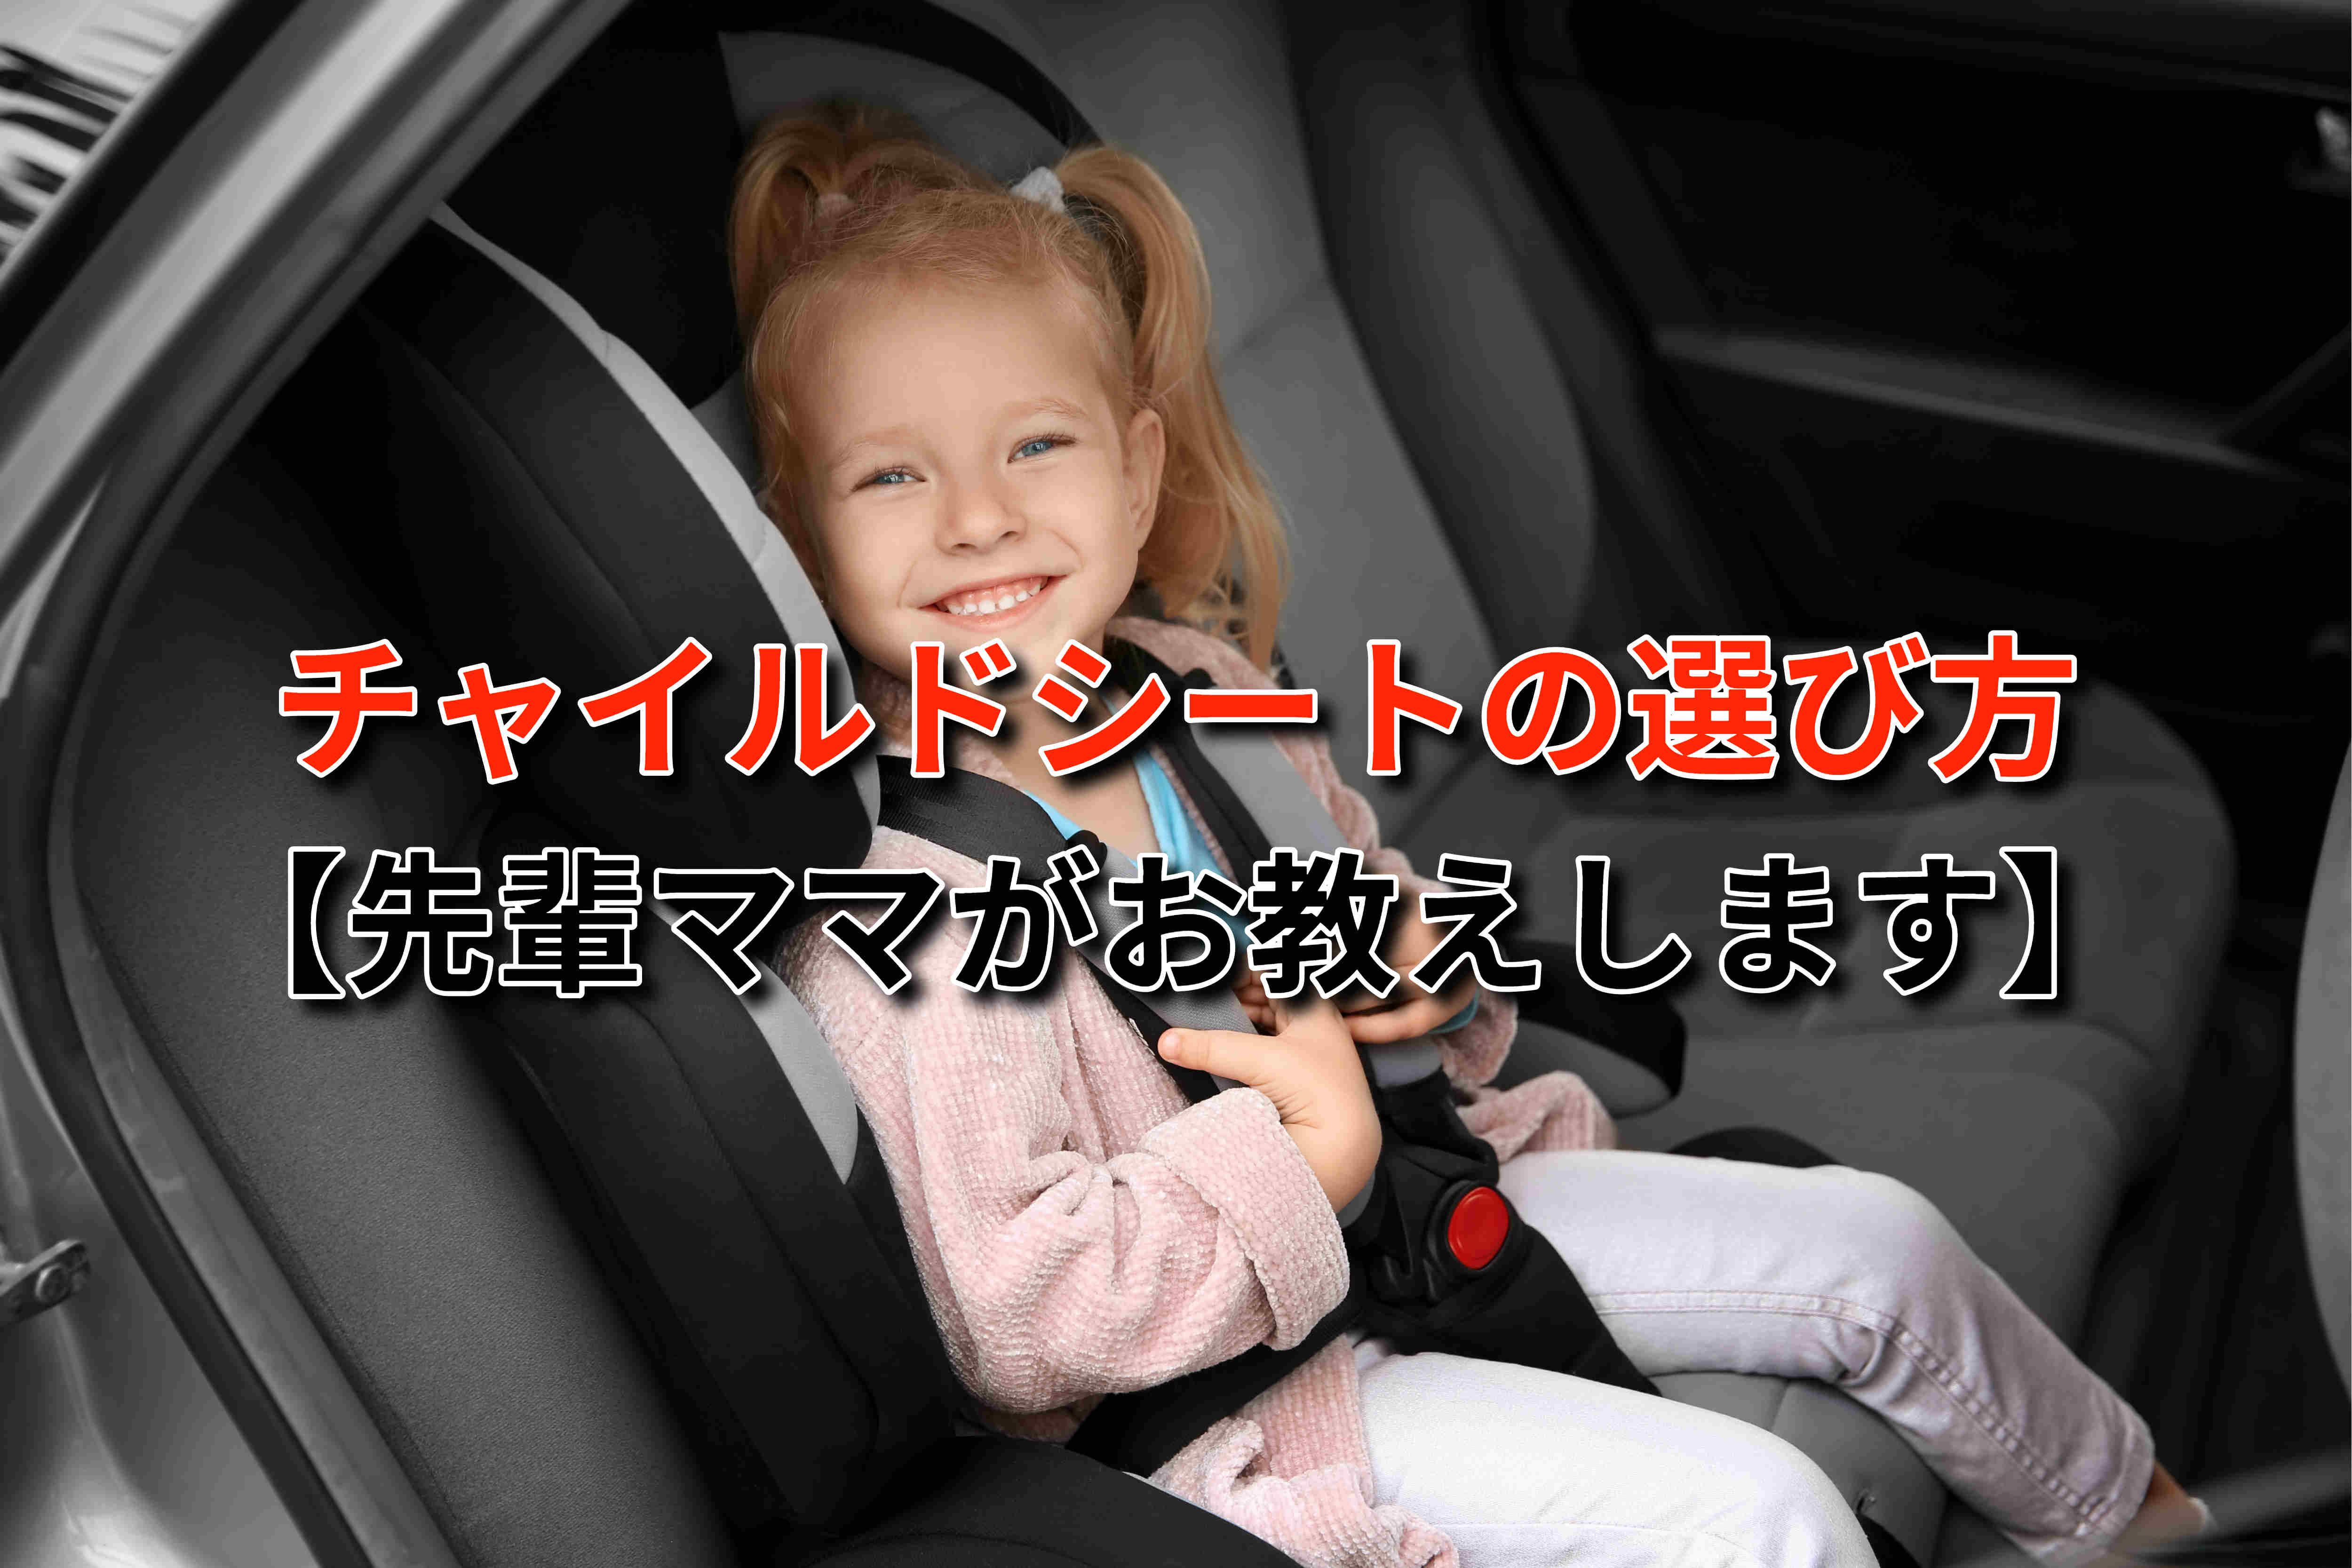 チャイルドシートの選び方【先輩ママがお教えします】